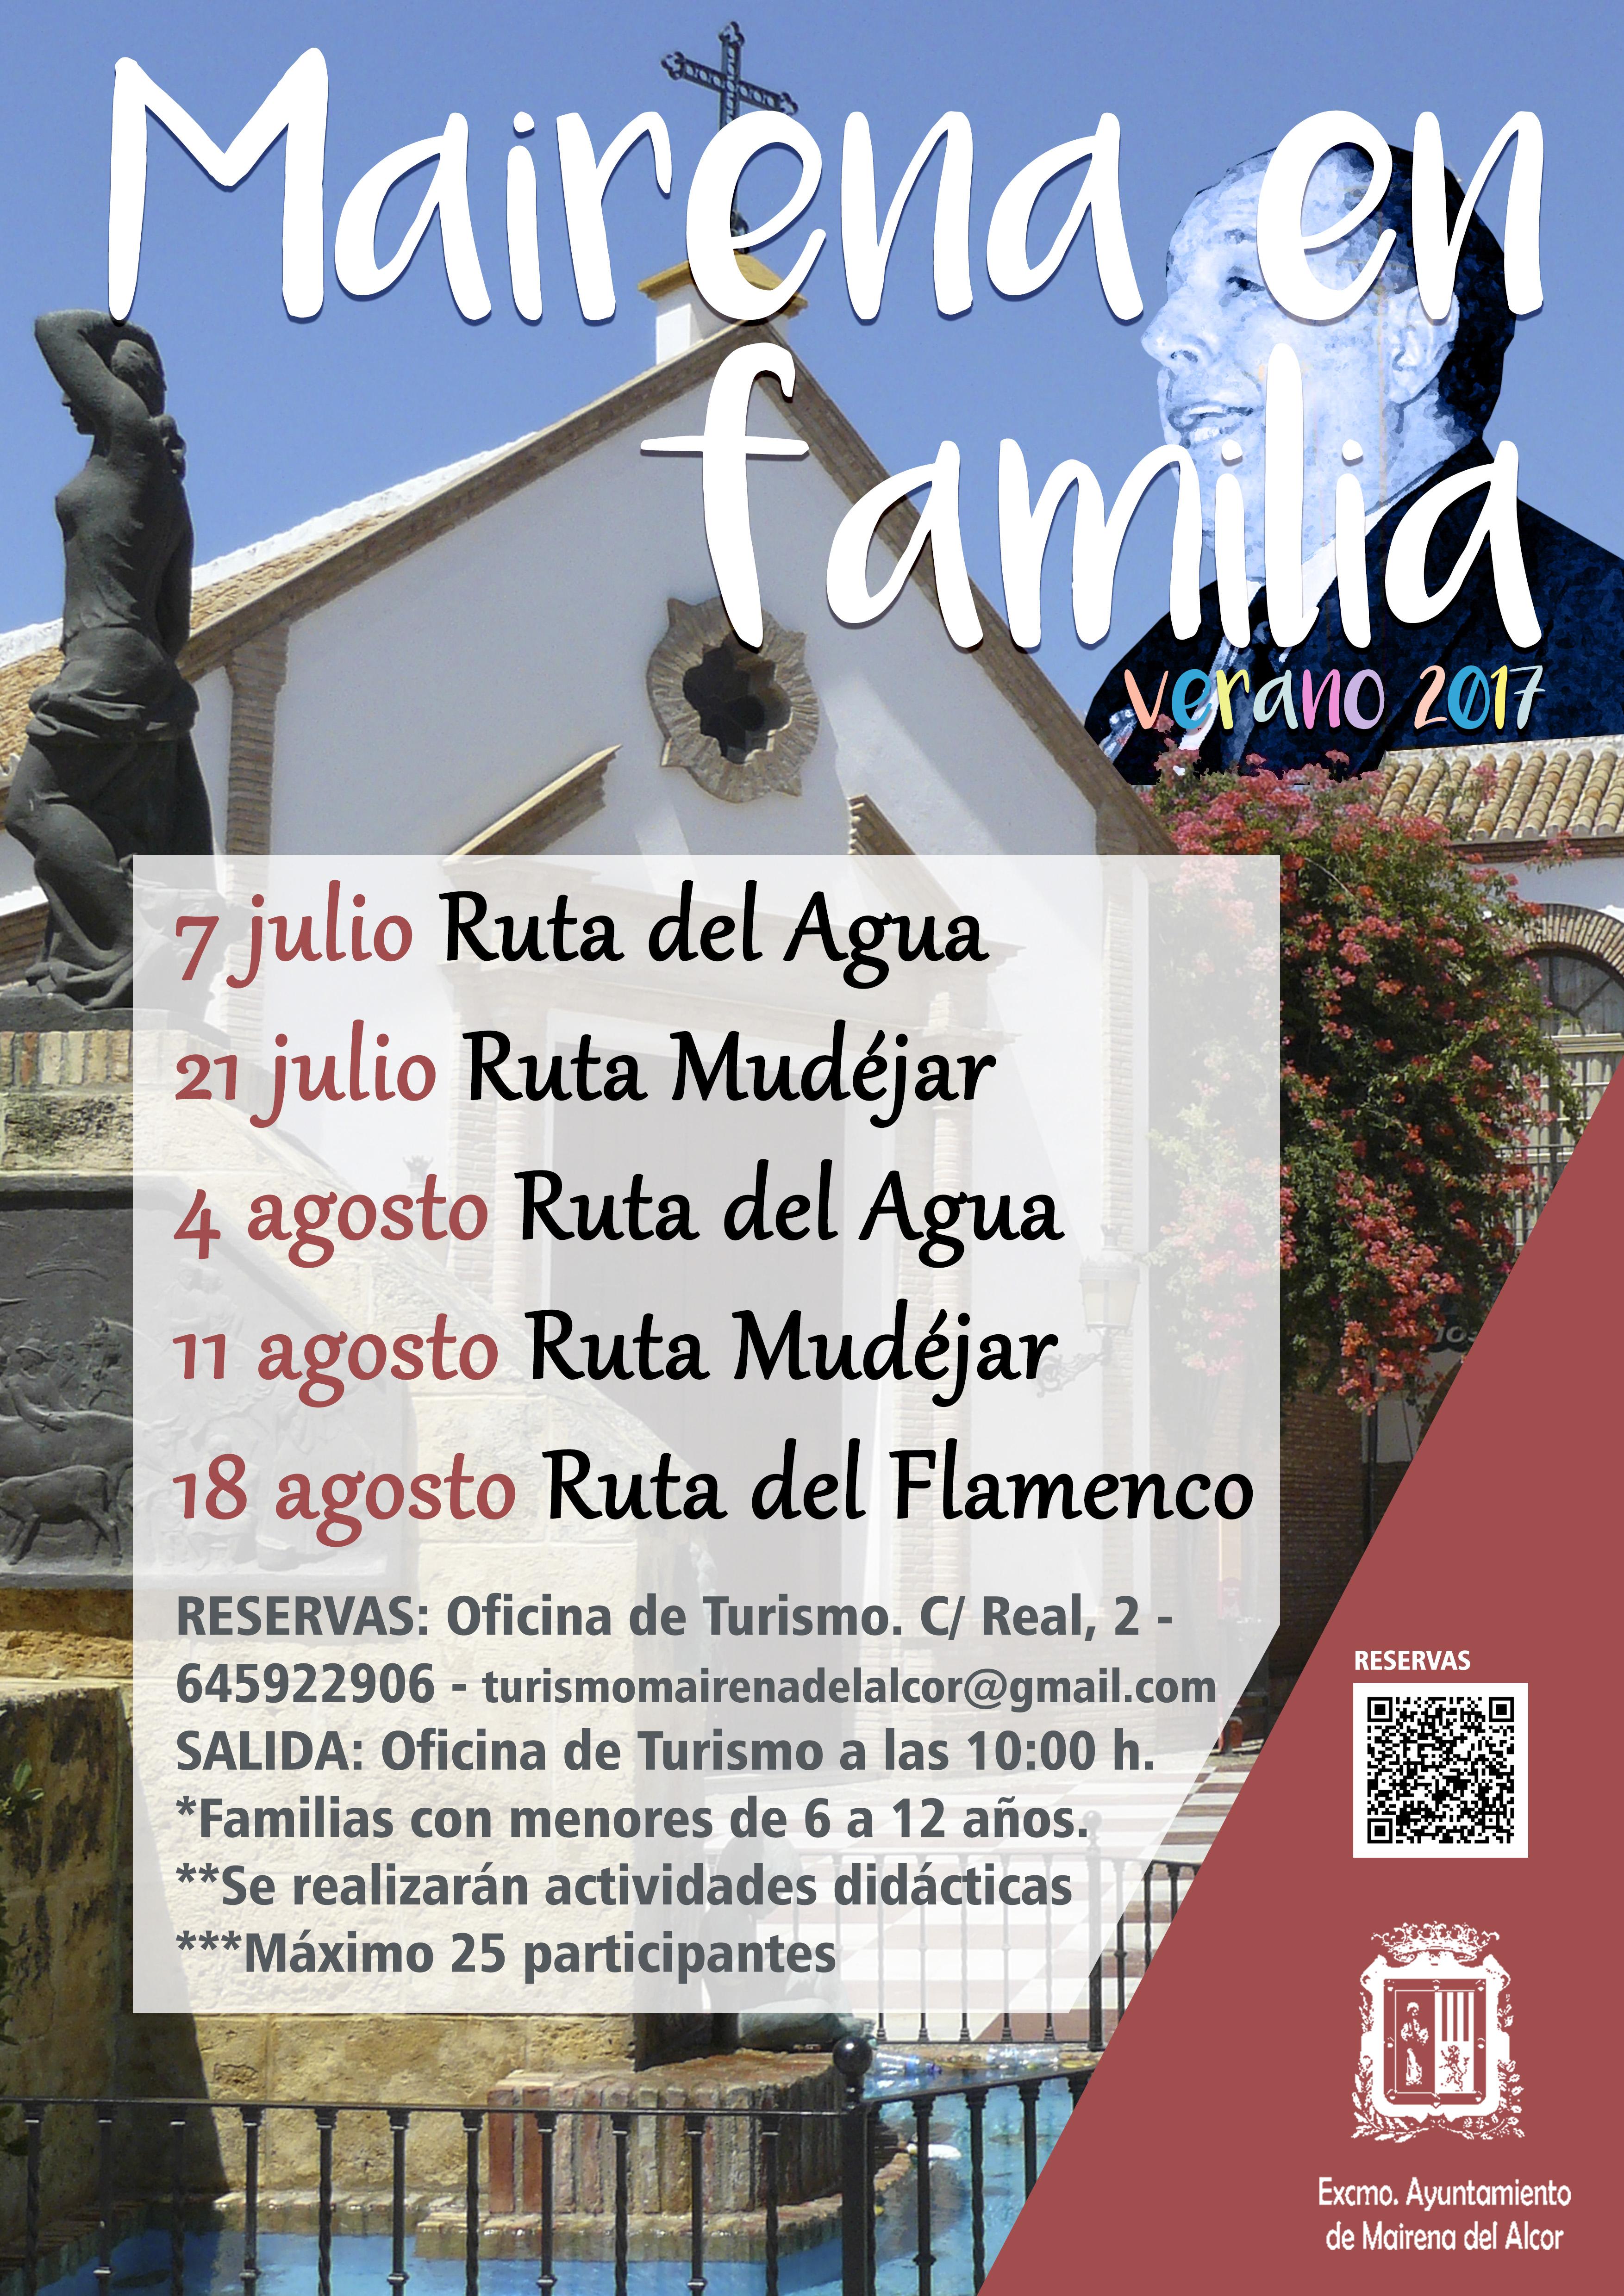 Mairena en familia 2017 mairena del alcor for Piscina mairena del alcor 2017